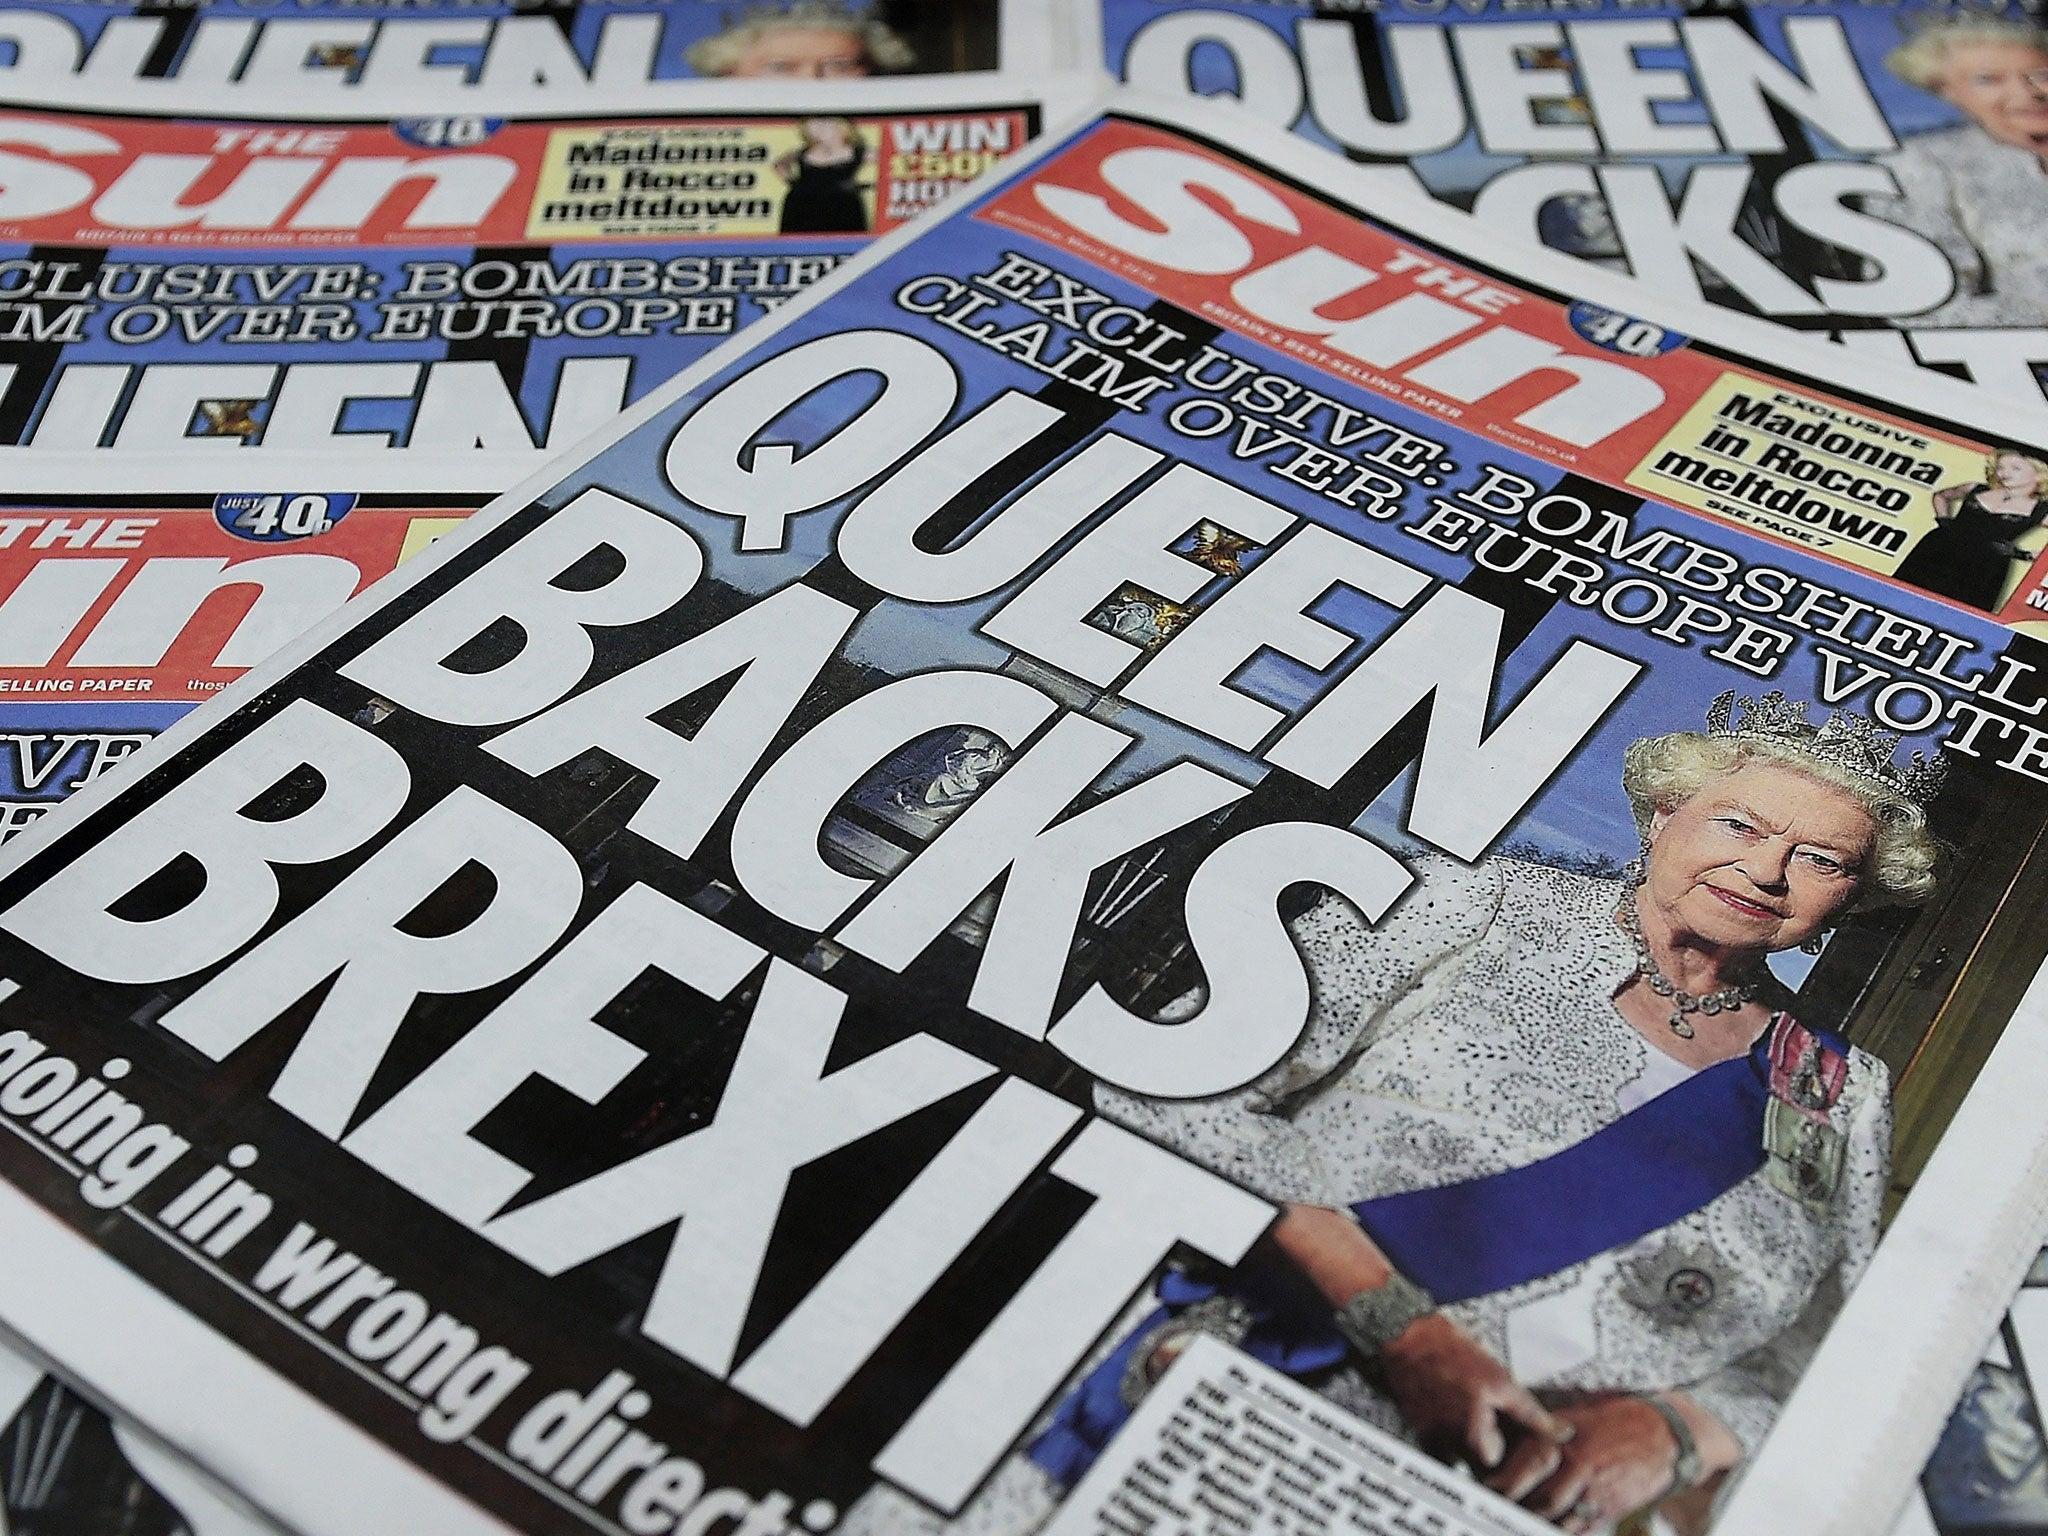 Queen-Brexit-Sun.jpg